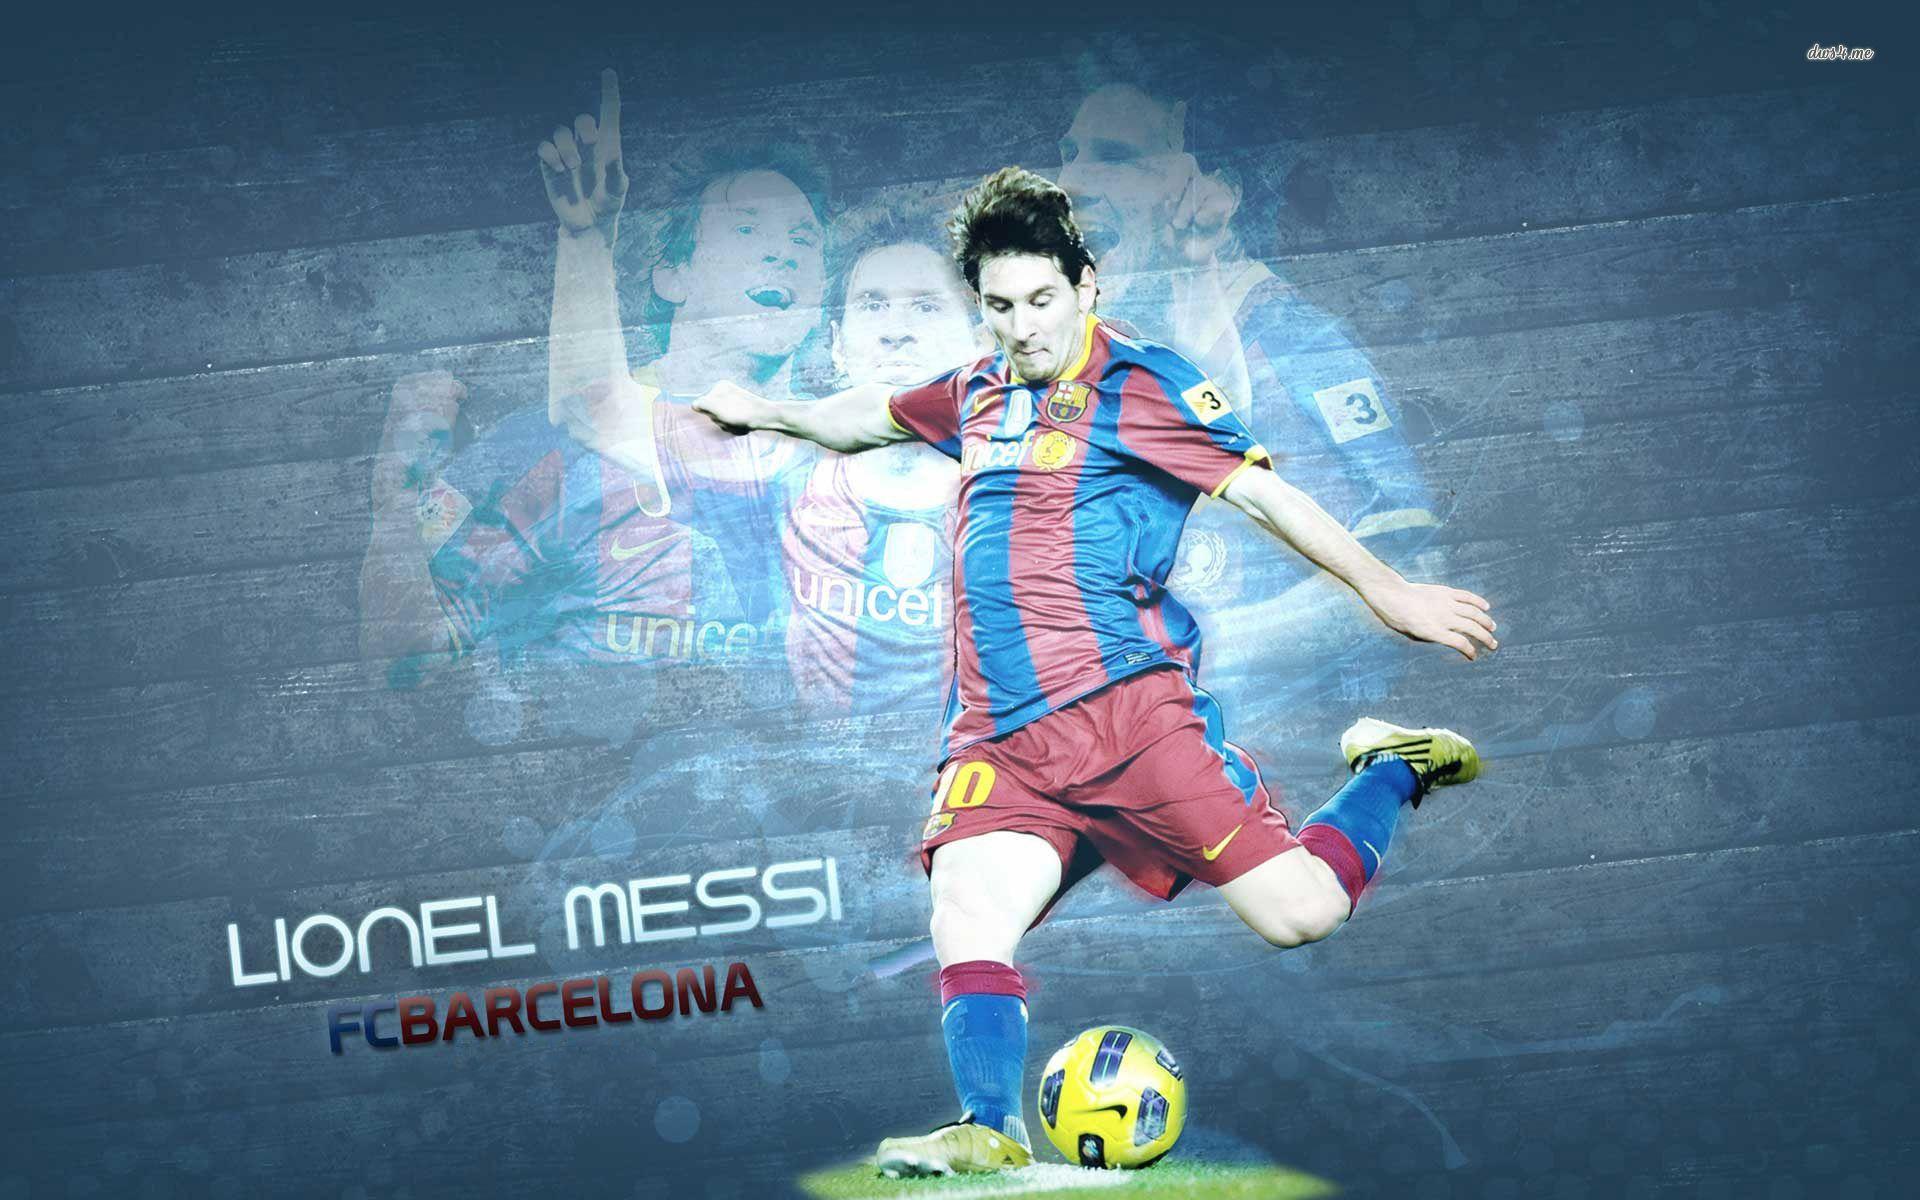 Download 600 Wallpaper 3d Lionel Messi Gratis Terbaik